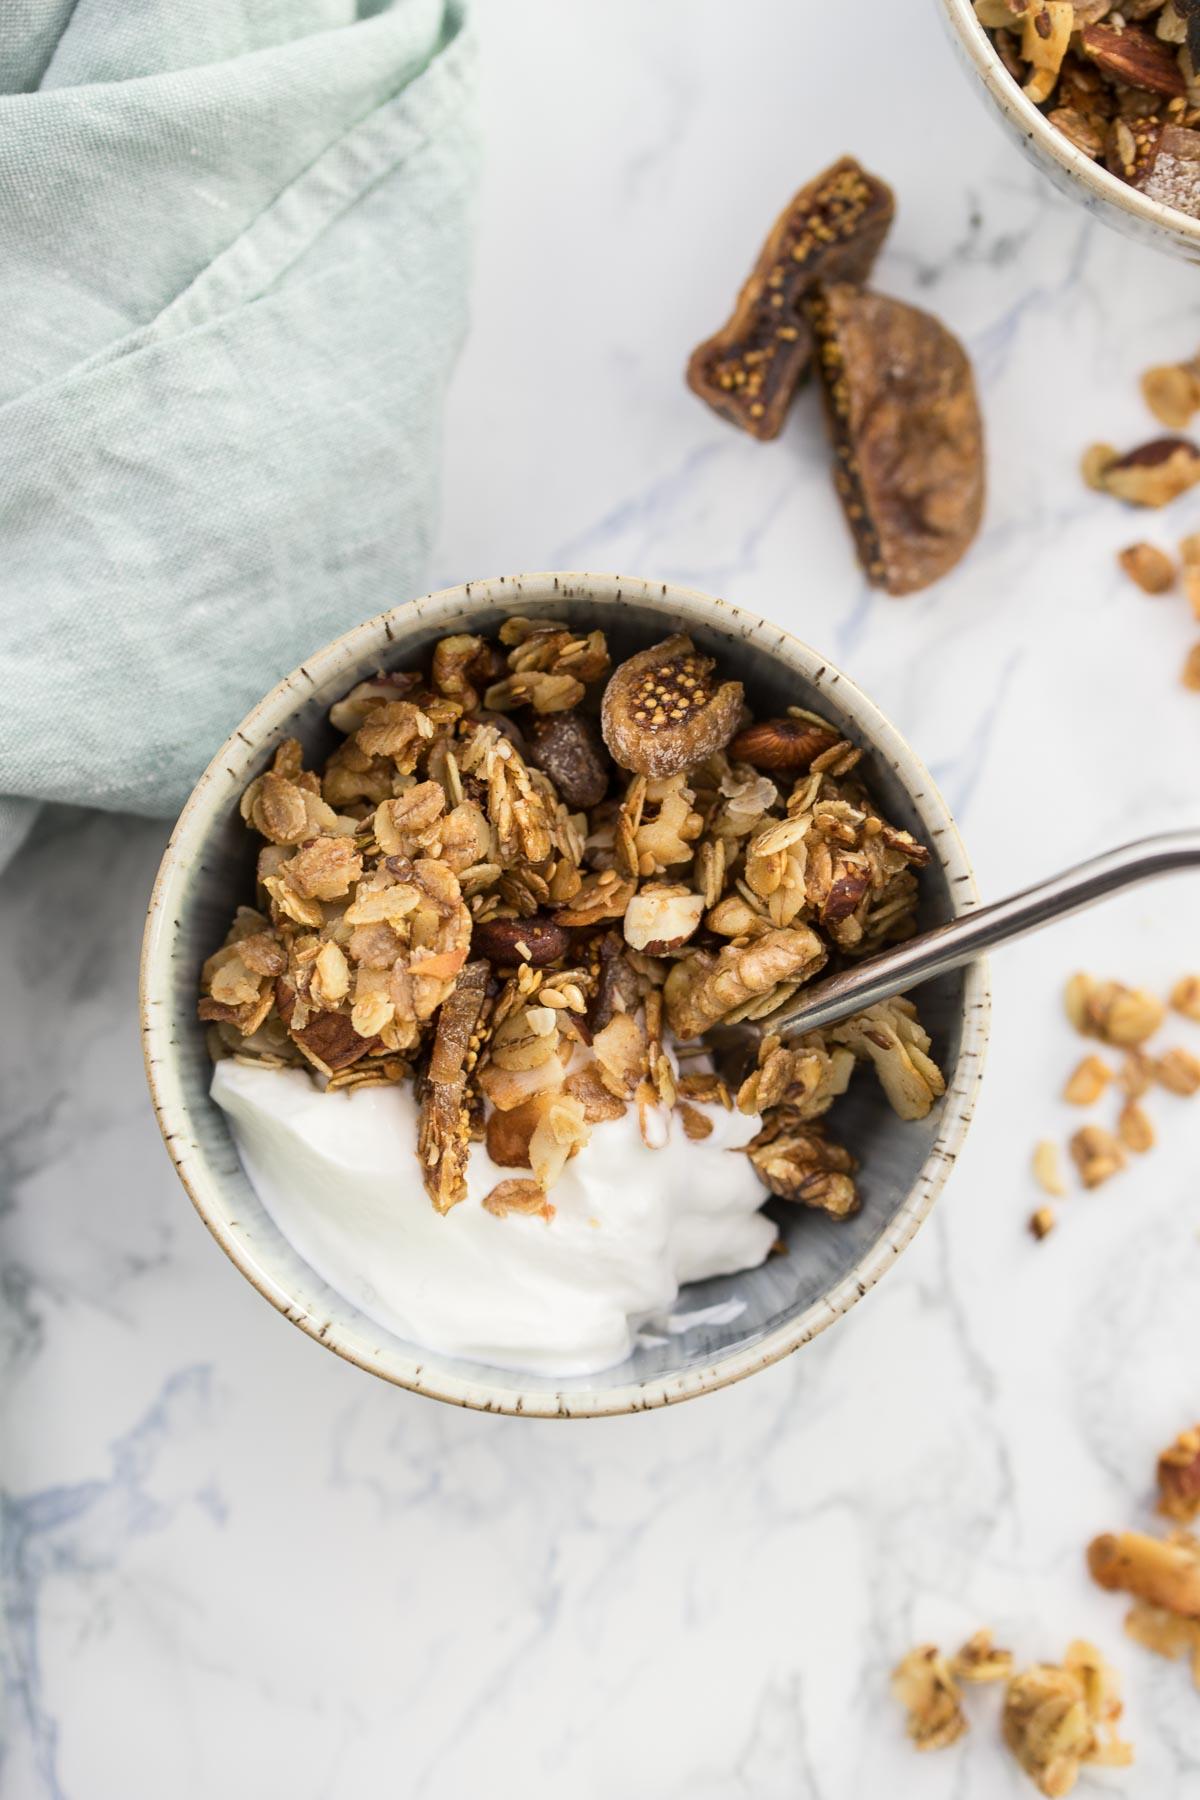 Knuspermüsli Rezept mit Feigen, Kokosnuss und Nüssen